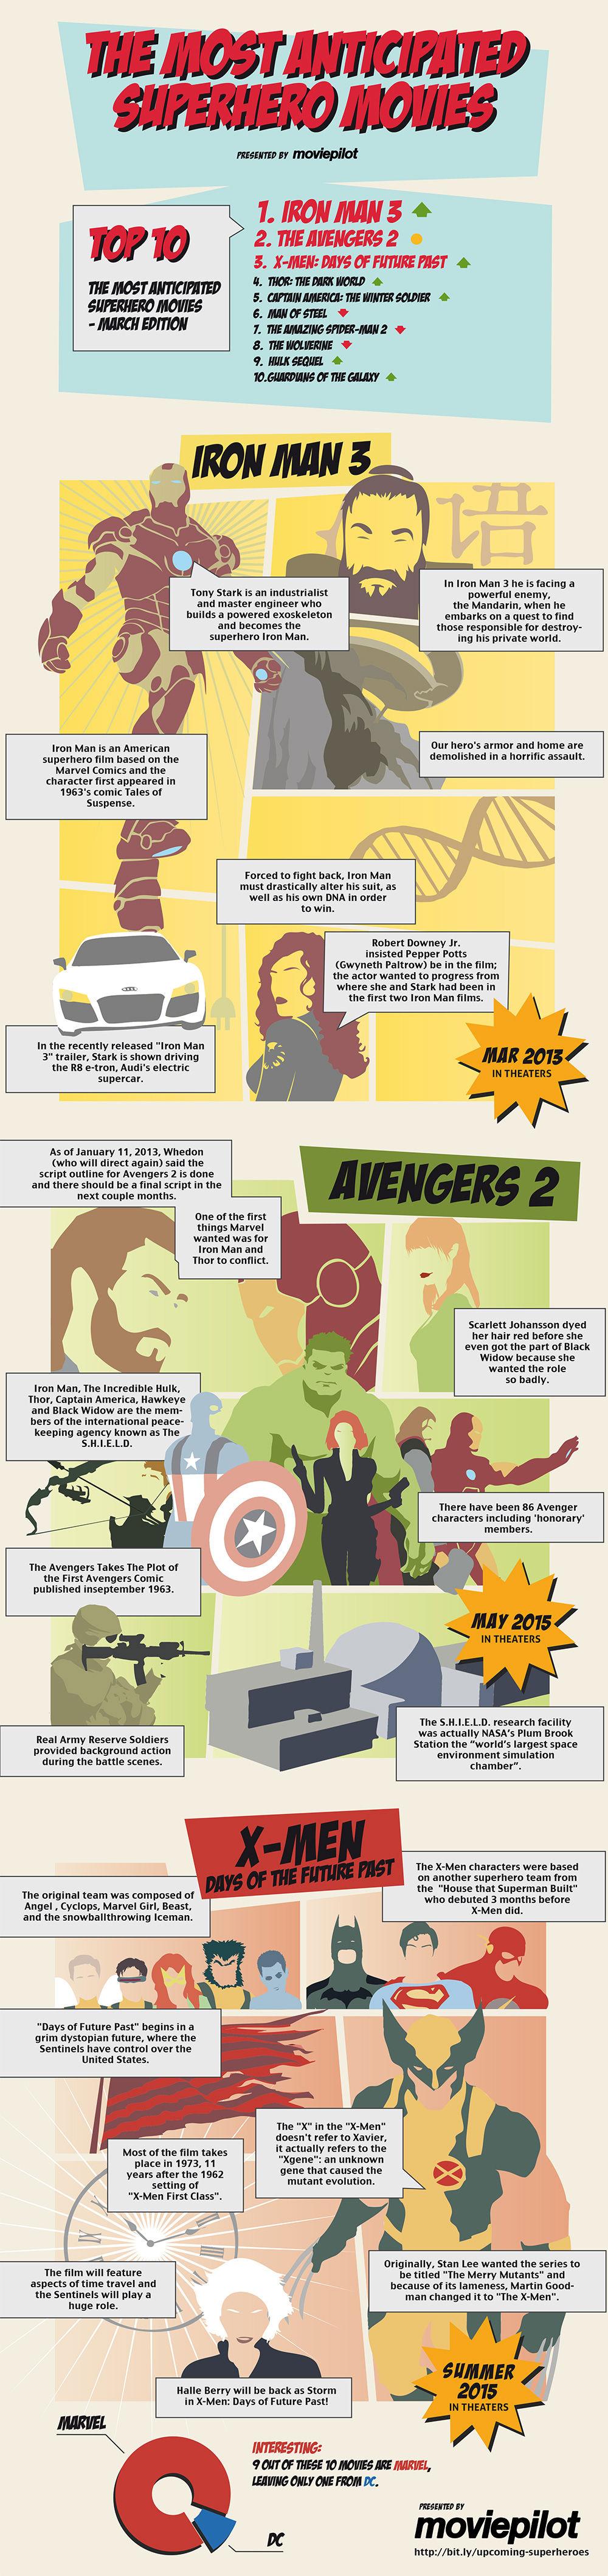 The Upcoming Favorite Superhero Movies